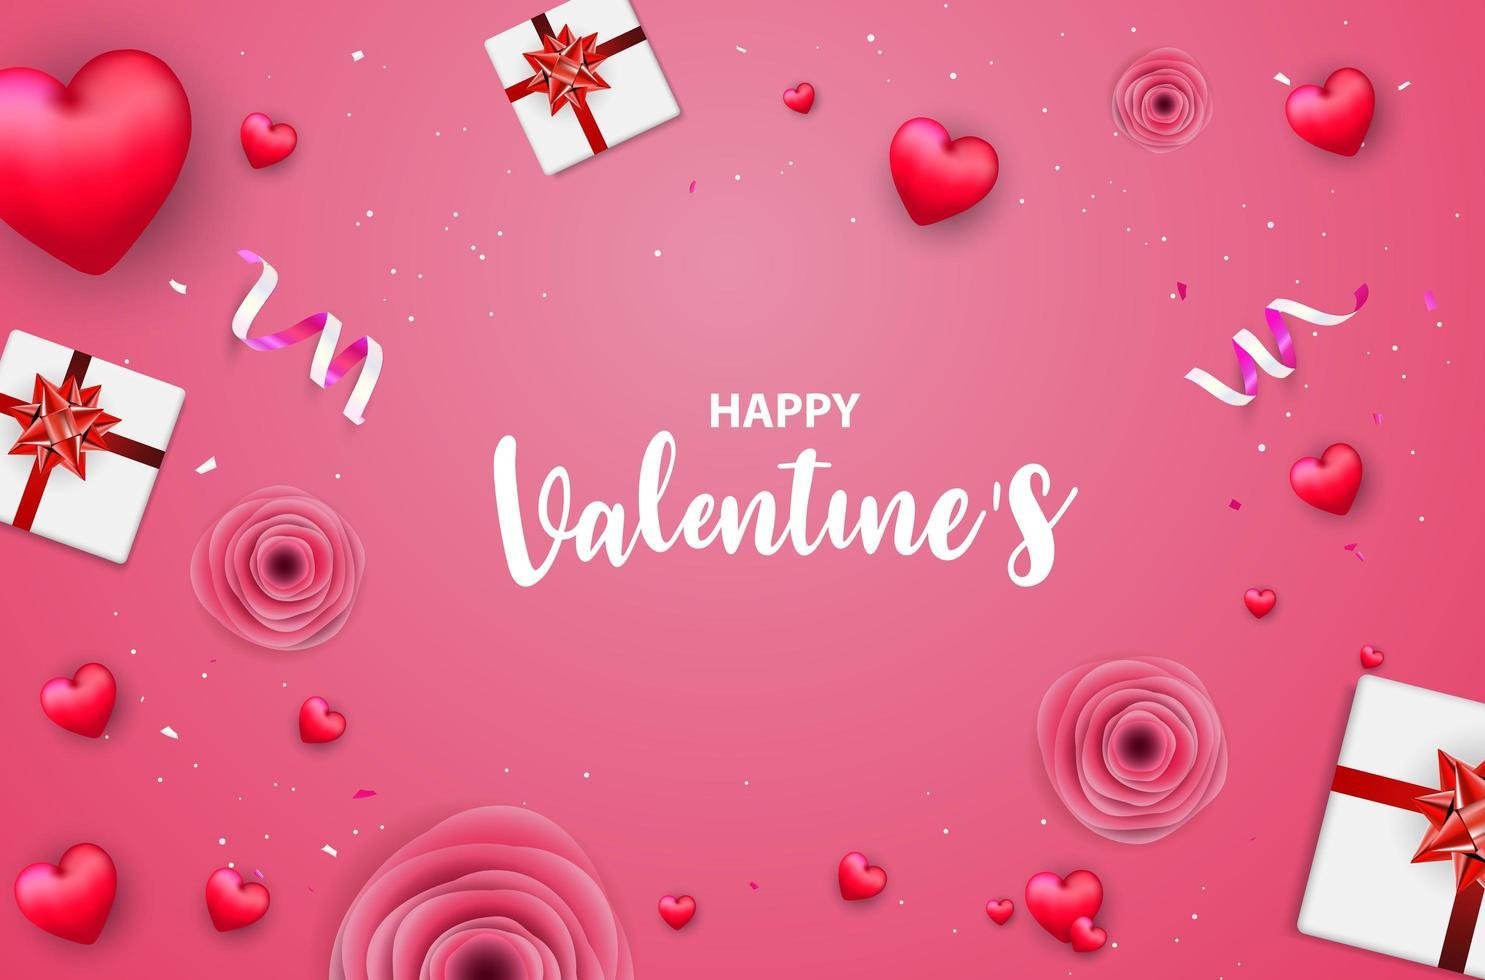 Roze Valentijnsdag banner met rode harten, rozen, geschenkdozen en confetti vector